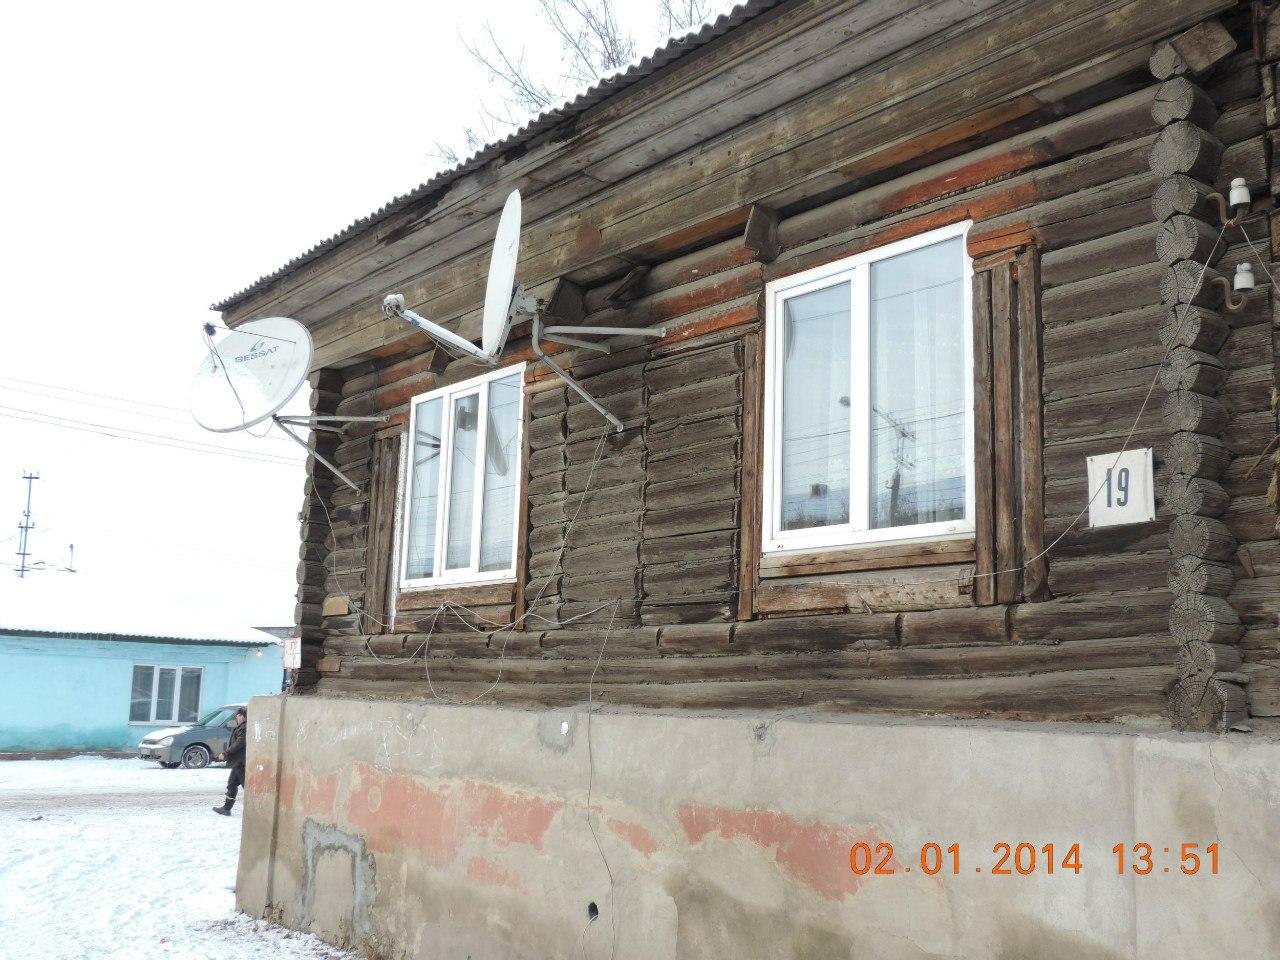 Старый дом с новыми окнами (09.01.2014)